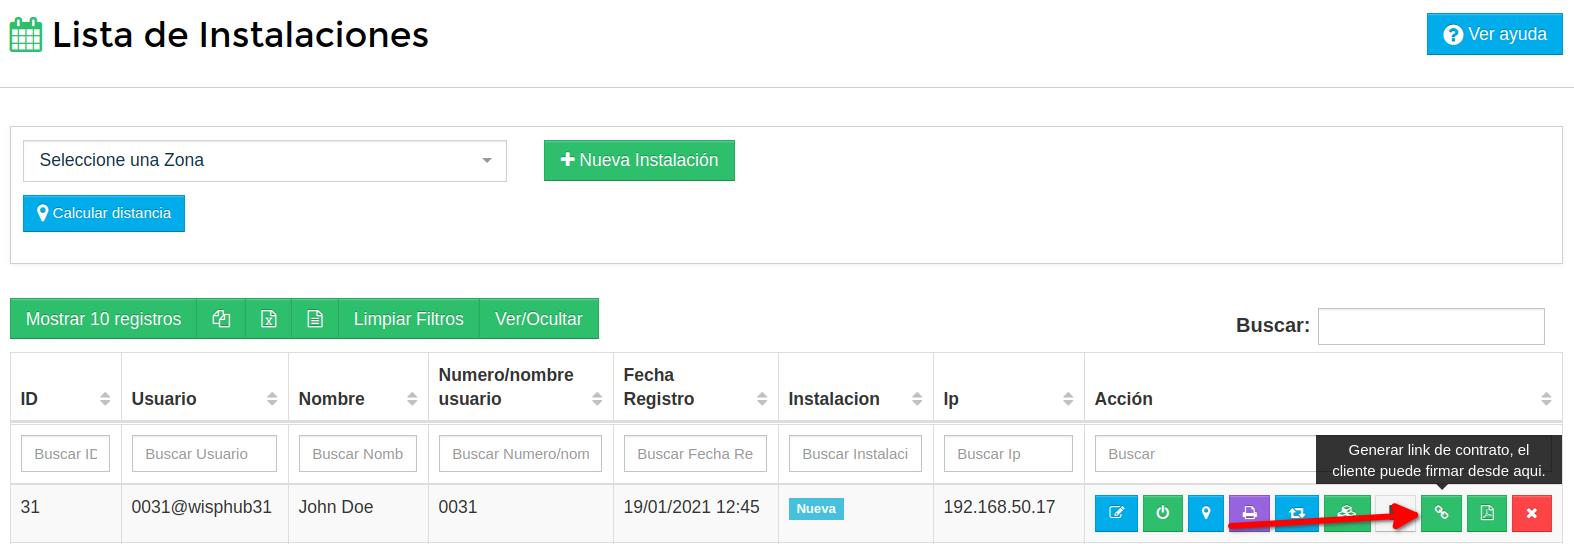 Boton para generar link de contrato del cliente